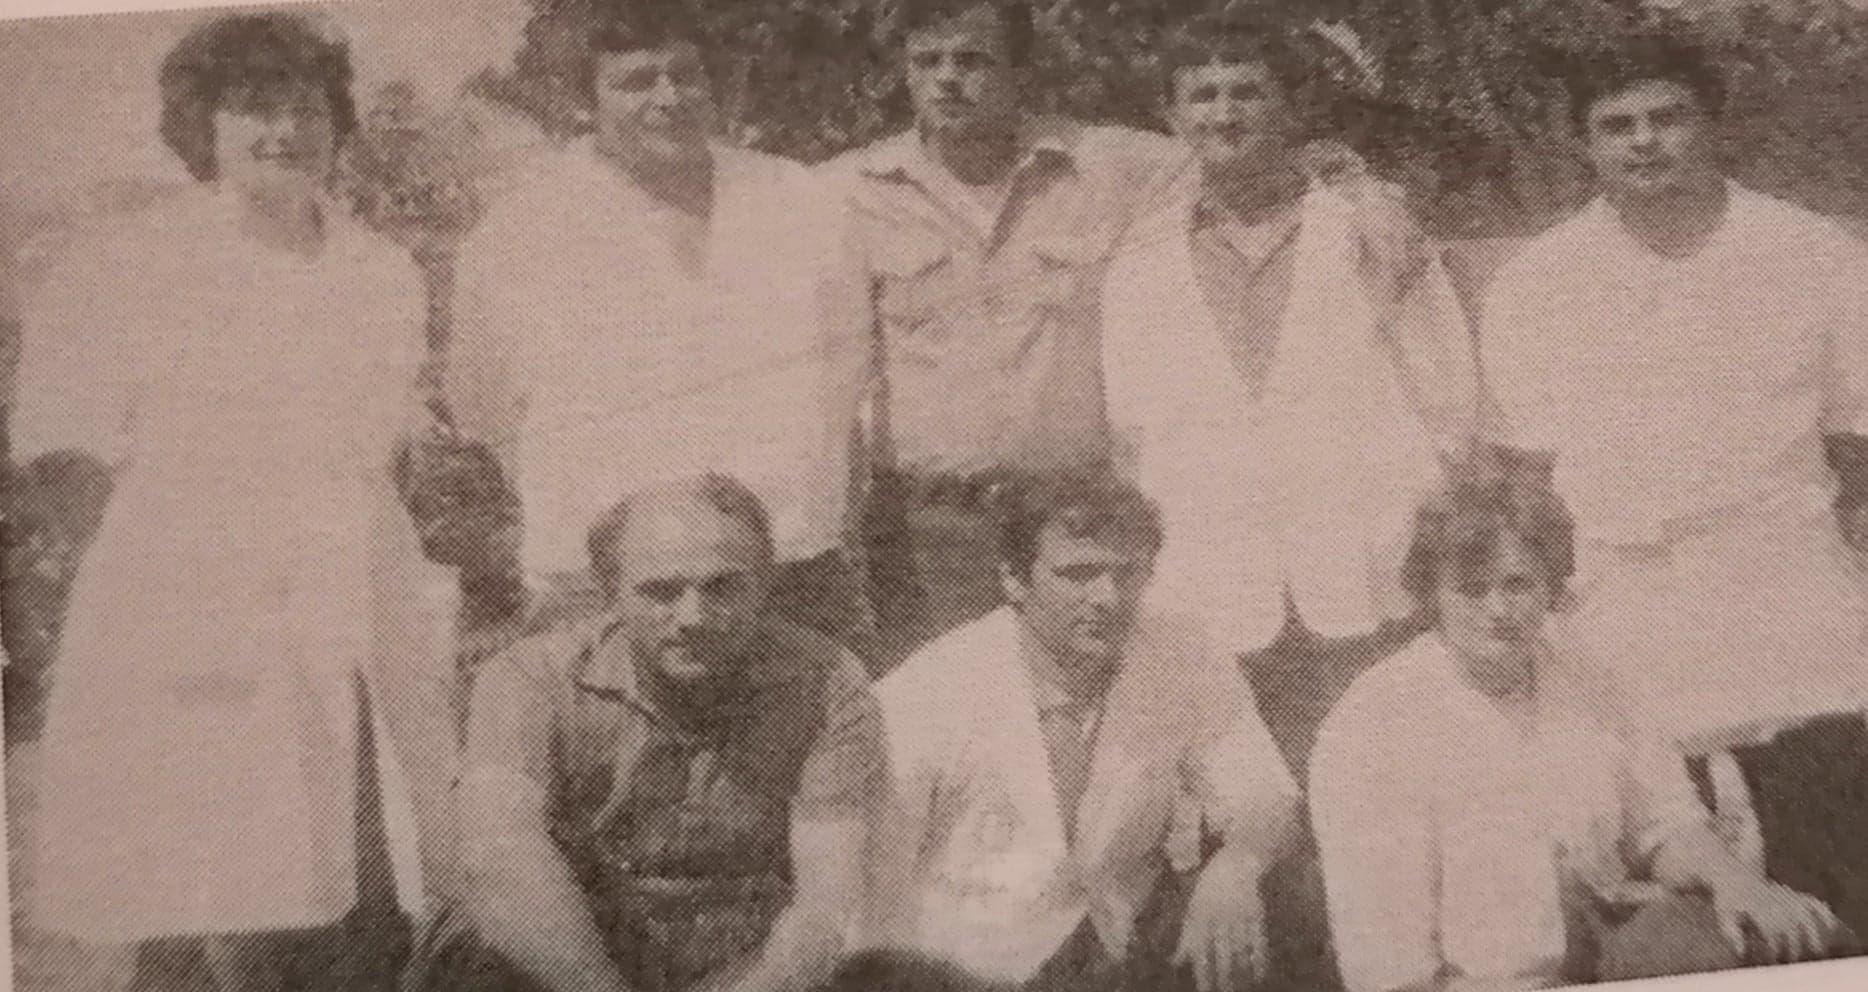 Ne foto,baxhoxhinjte Asqeri Buci dhe Qani Birbili, po te tjeret cilet jane?